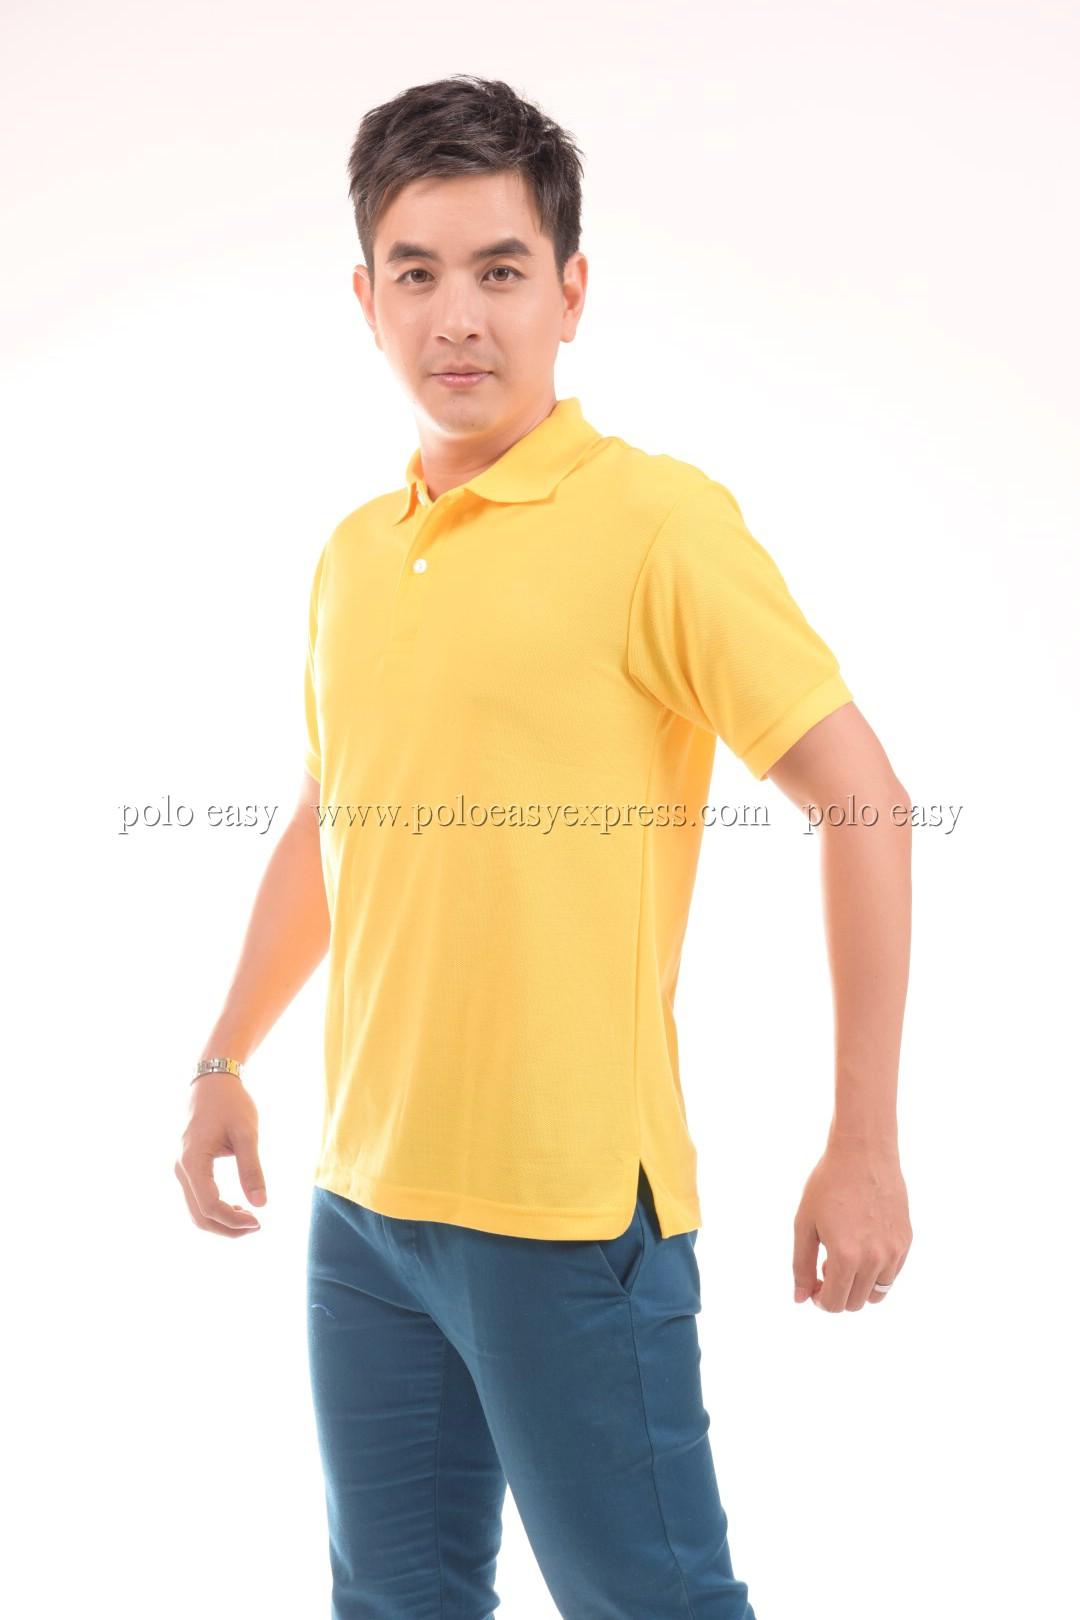 เสื้อโปโล สีเหลือง TK Premium แขนสั้น ทรงตรง Size XL